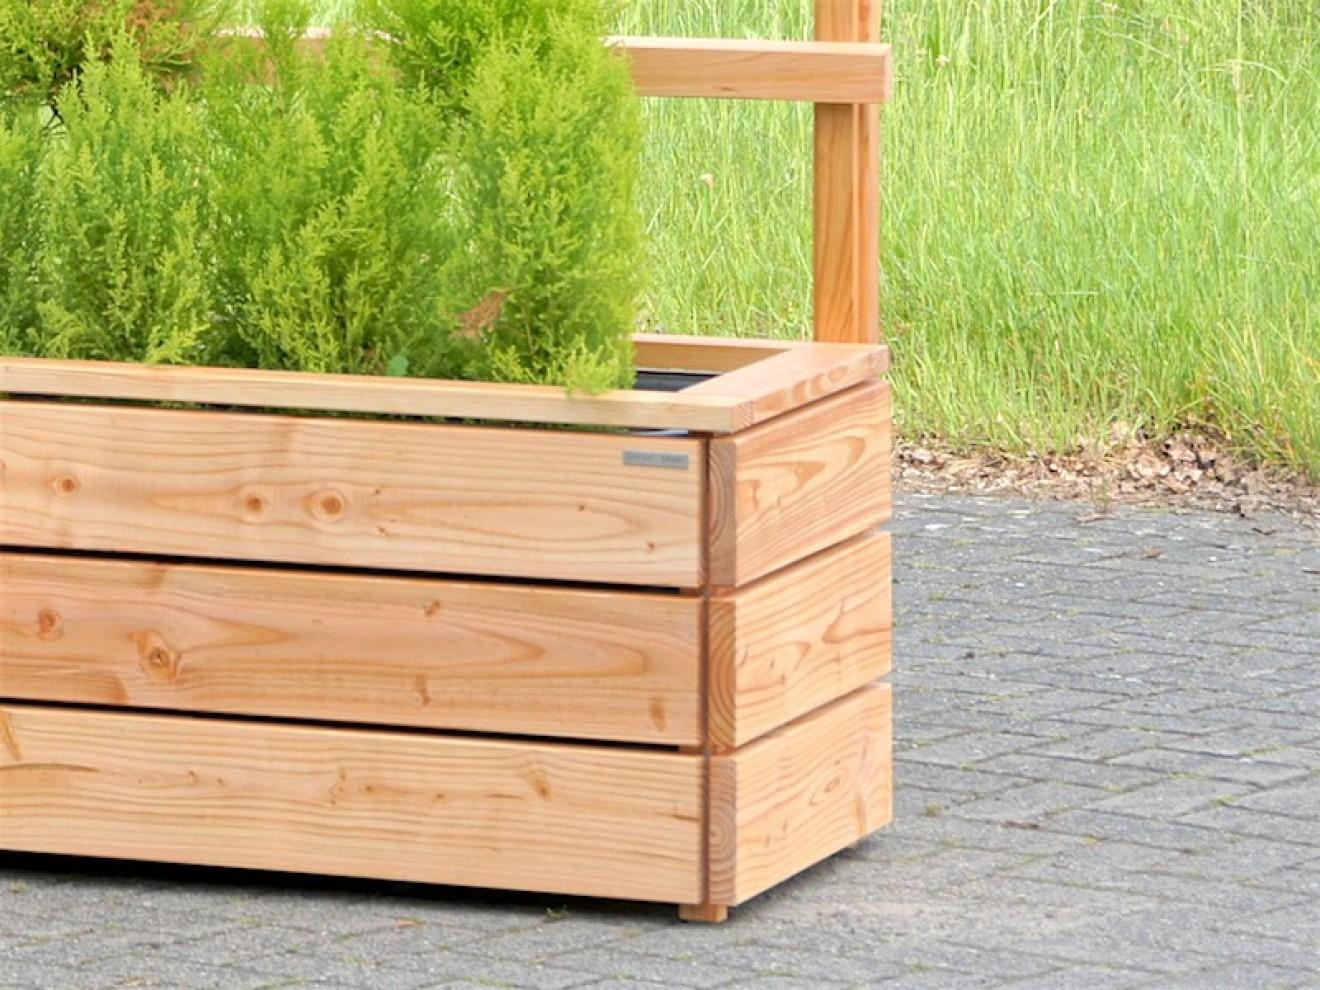 pflanzkasten ecke mit rankgitter heimisches holz made. Black Bedroom Furniture Sets. Home Design Ideas